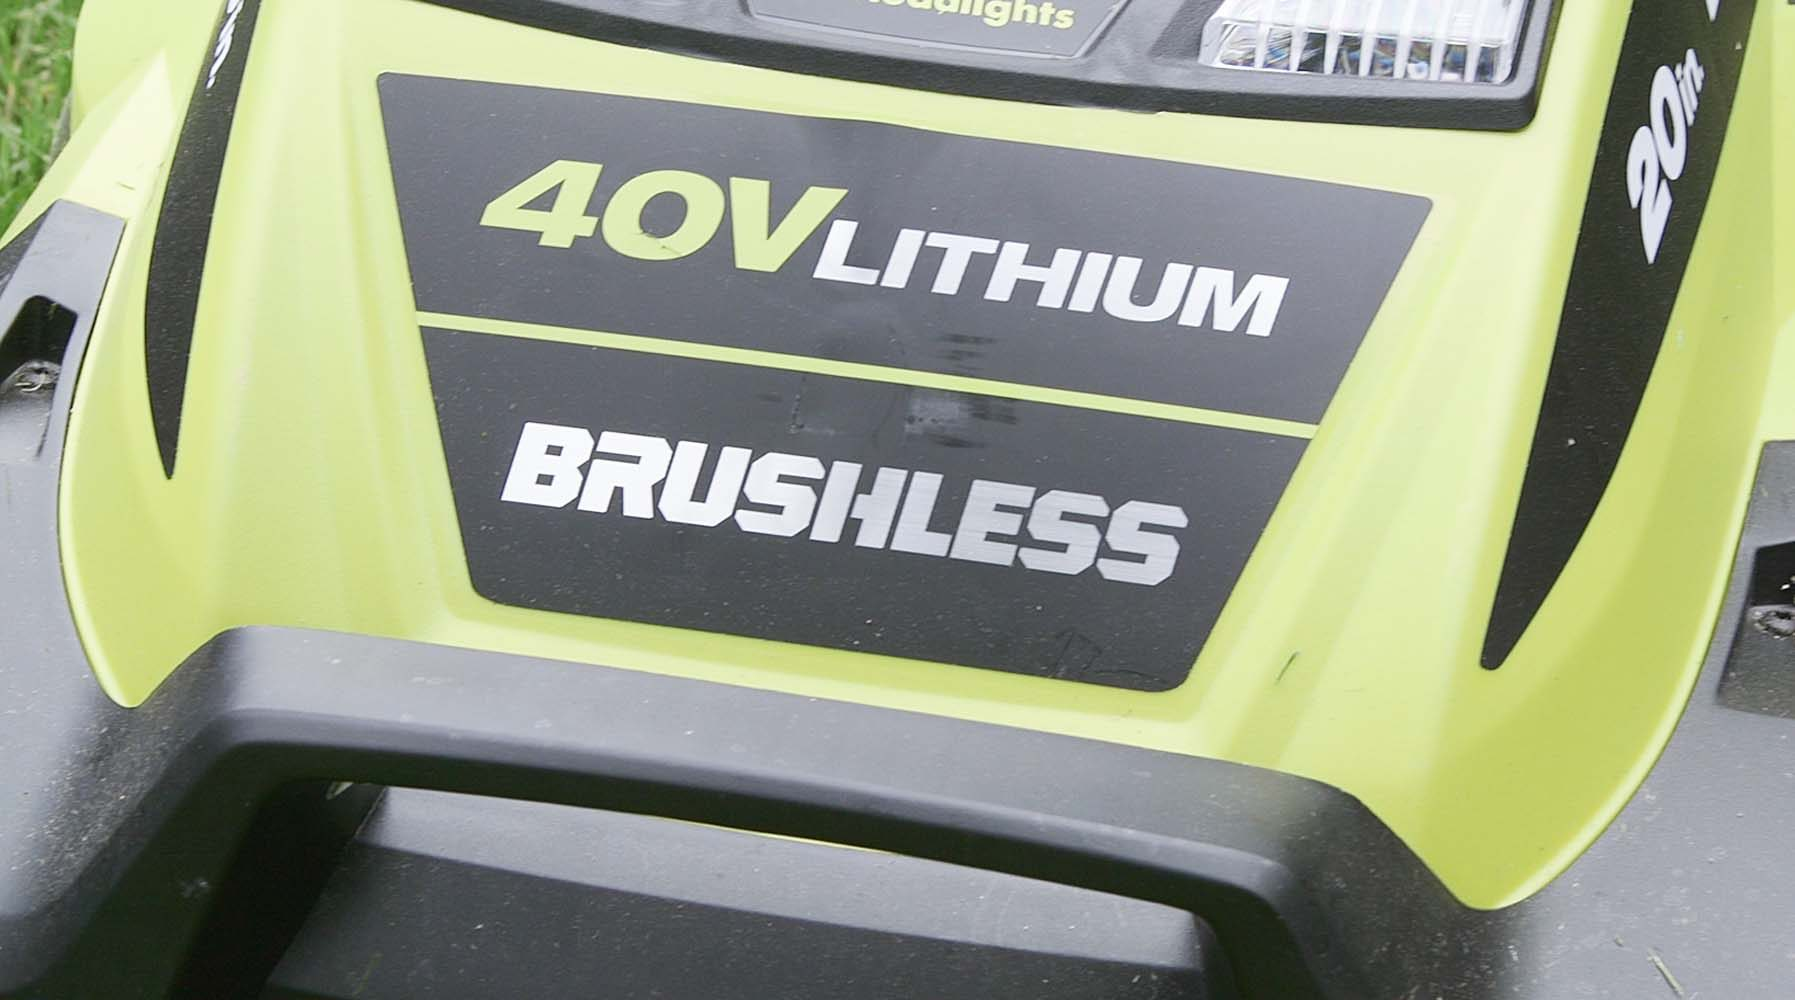 Ryobi Brushless Motor Lawn Mower